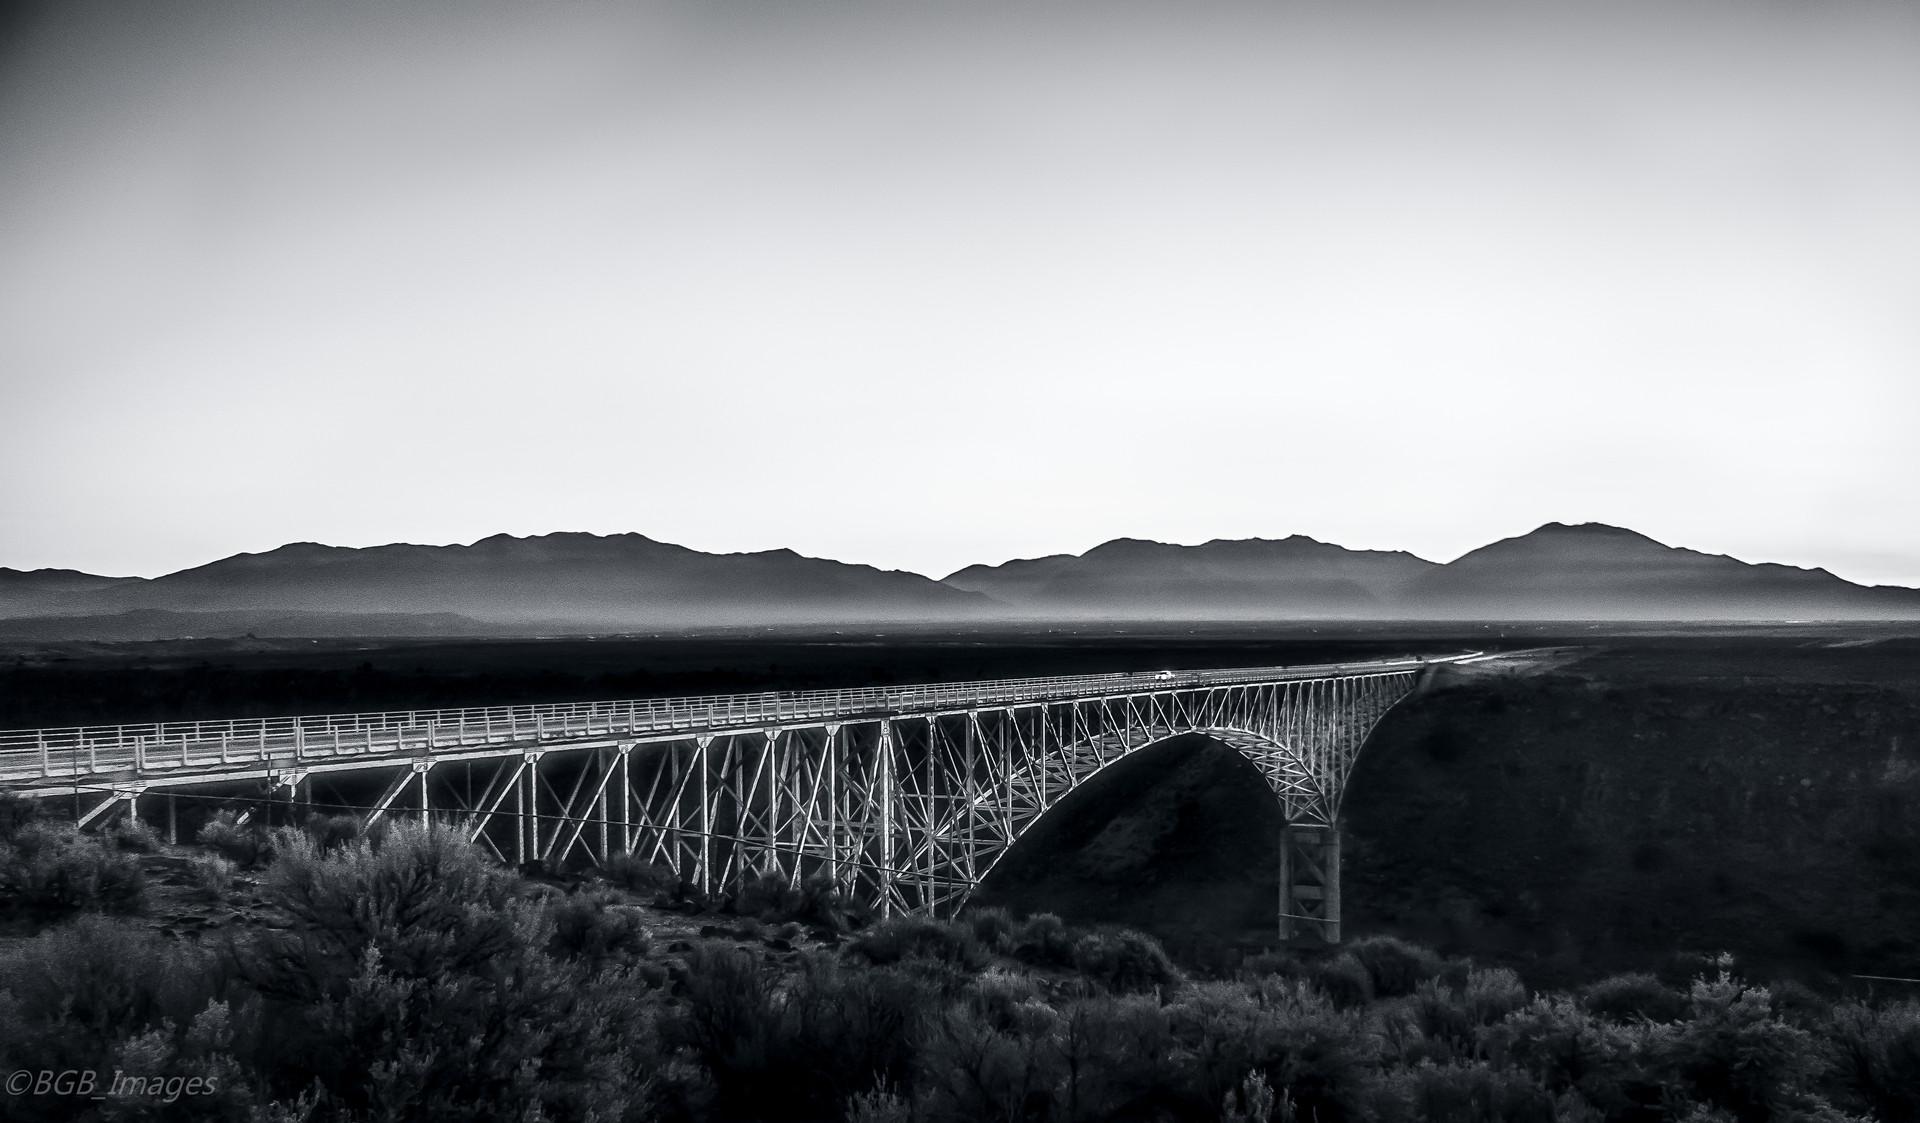 Crossing Over - Rio Grande, NM